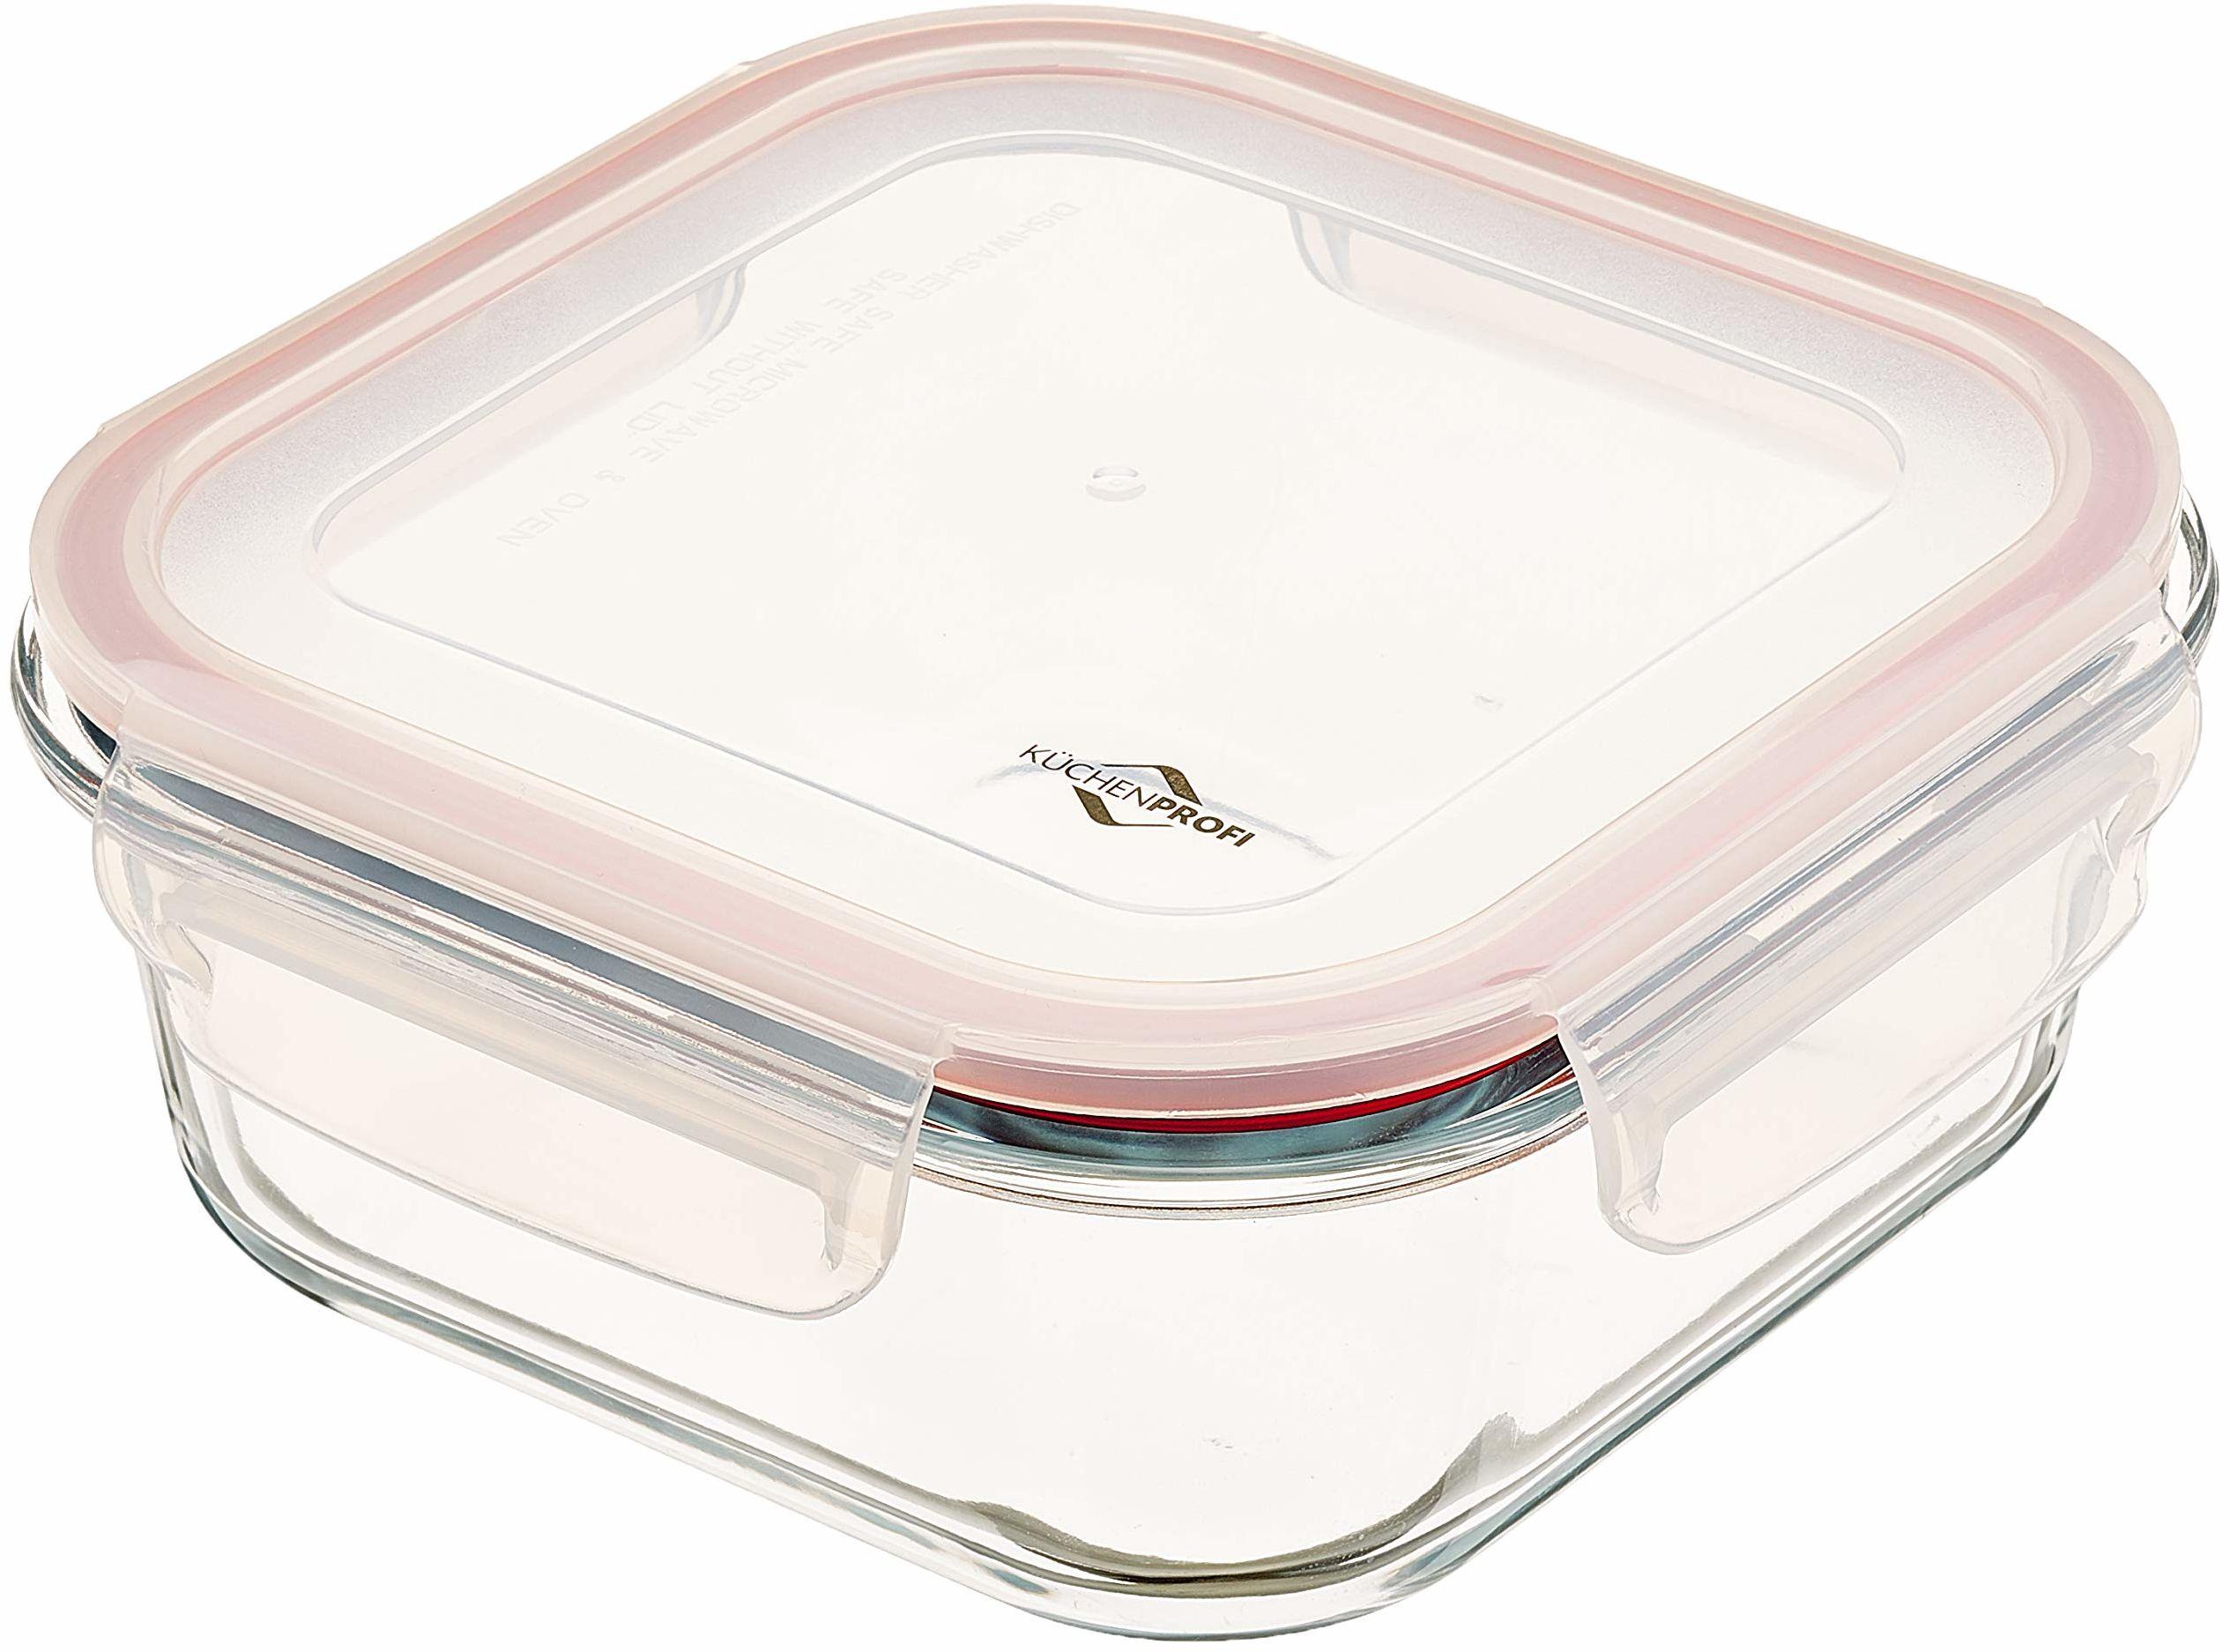 Küchenprofi Lunchbox-1001803518 pojemnik na lunch, szklany, przezroczysty, jeden rozmiar